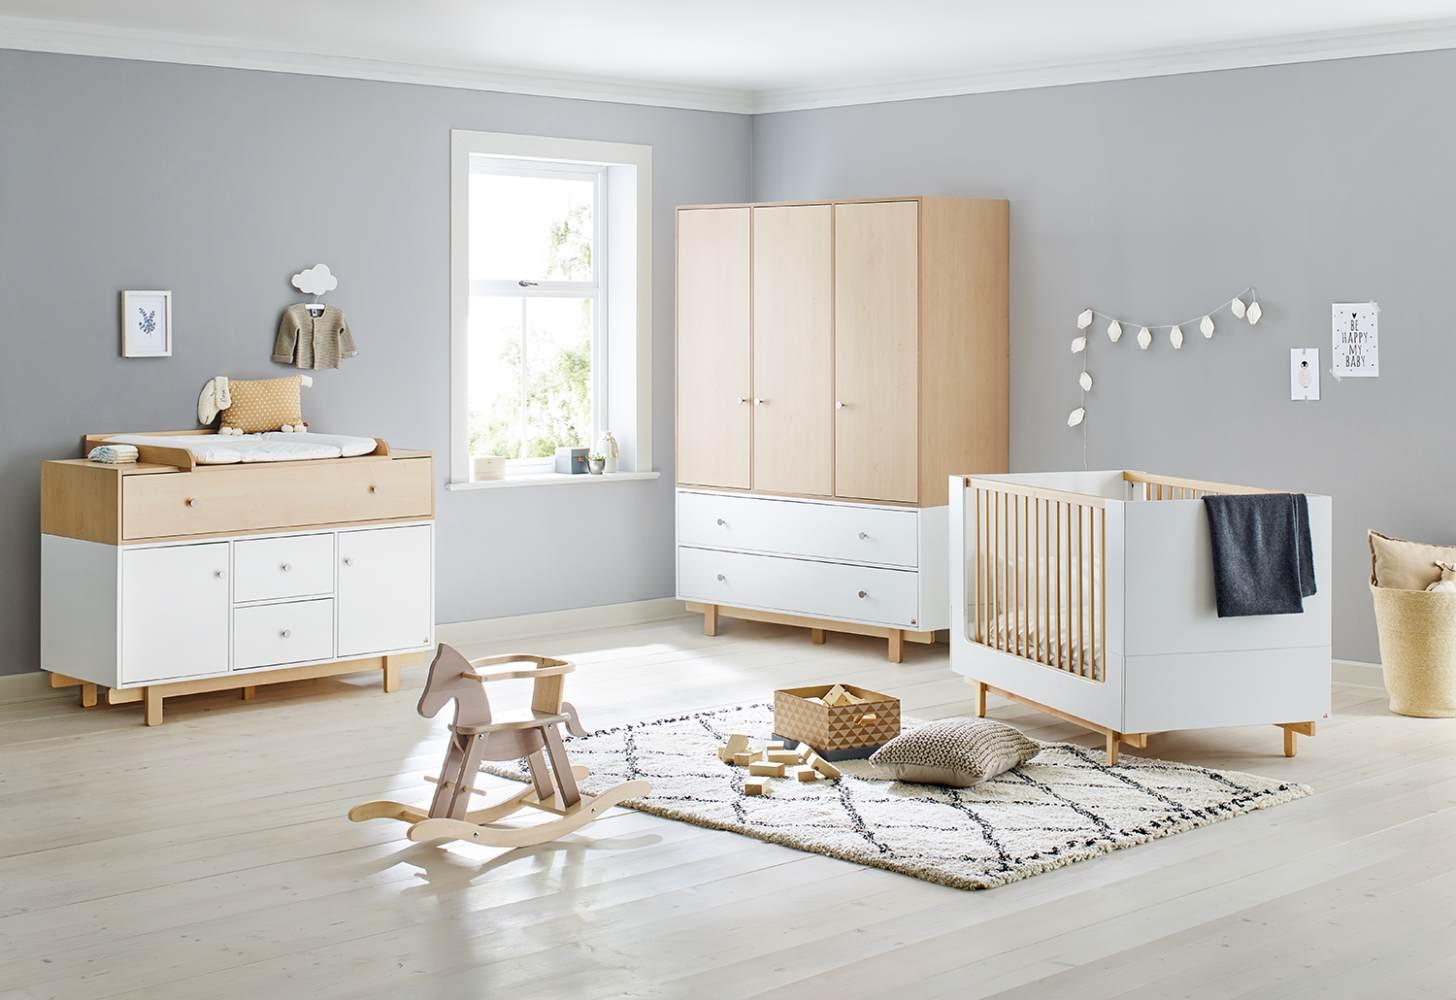 Pinolino 'Boks' 3-tlg. Kinderzimmer-Set extrabreit, groß Bild 1